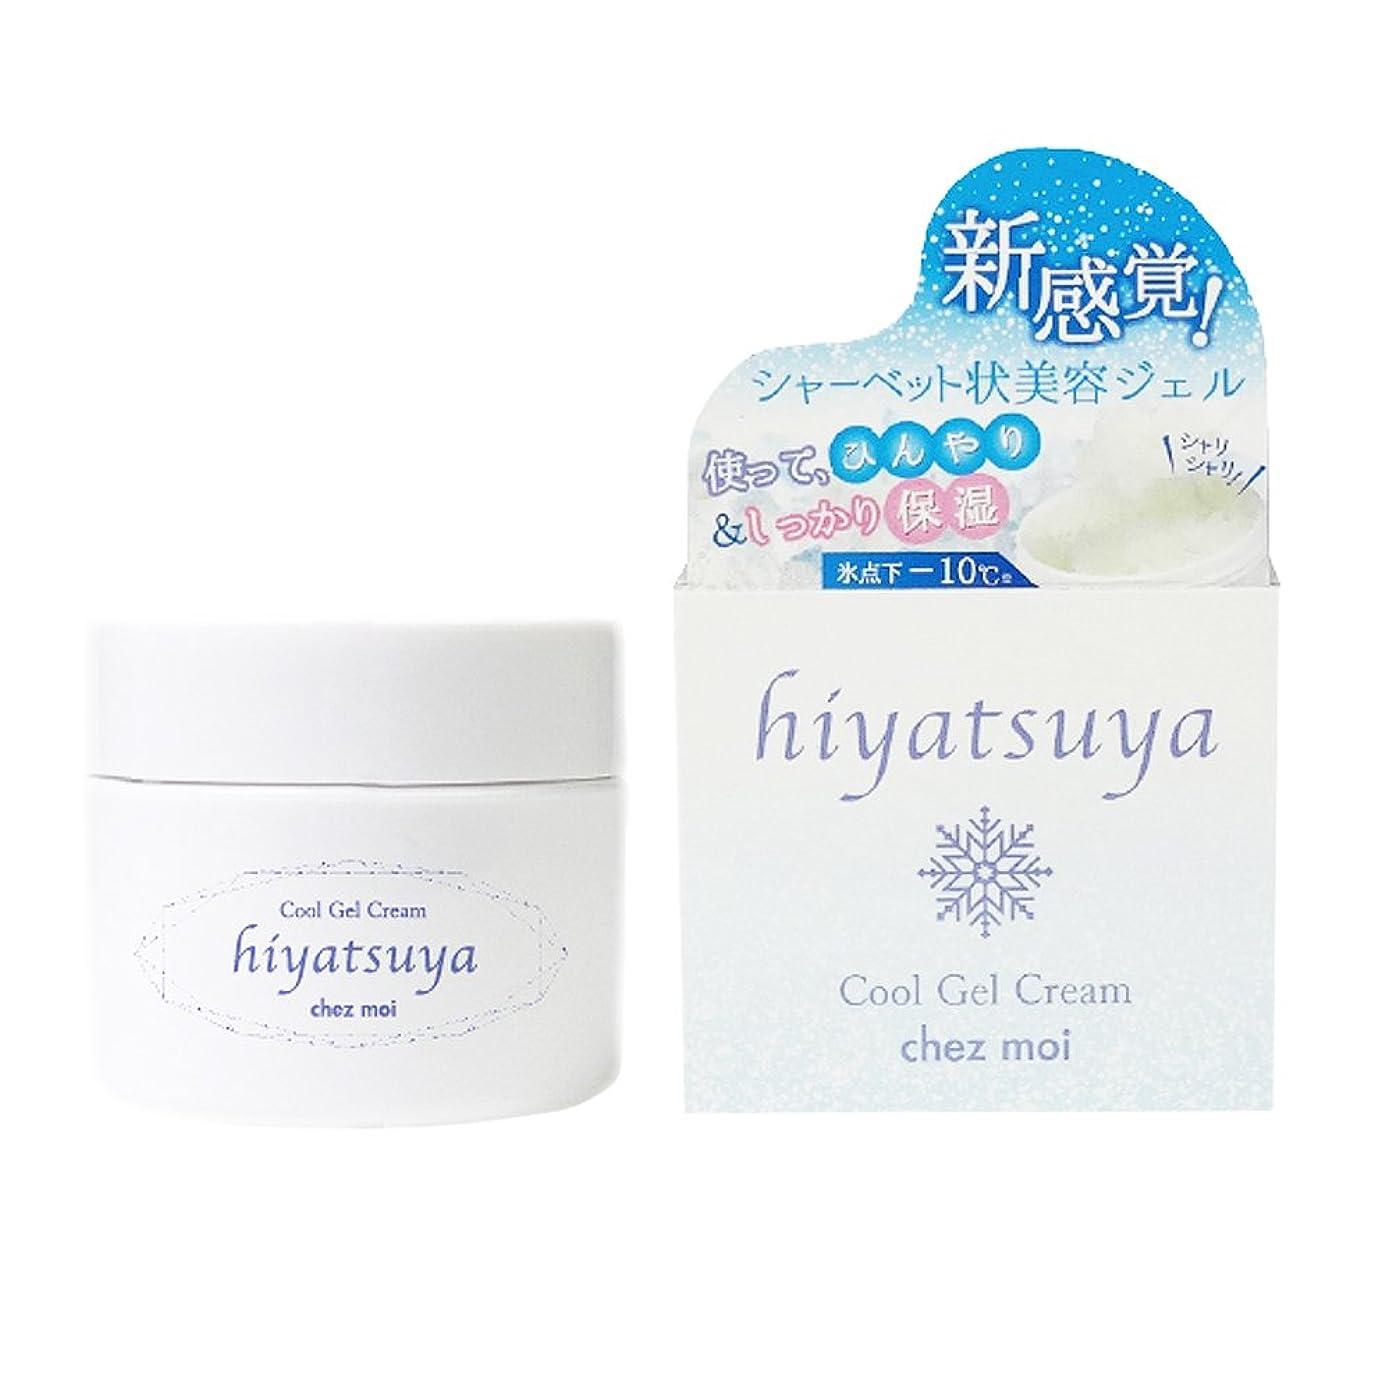 学習スラッシュトランクライブラリシェモア hiyatsuya(ヒヤツヤ) cool gel cream 70g